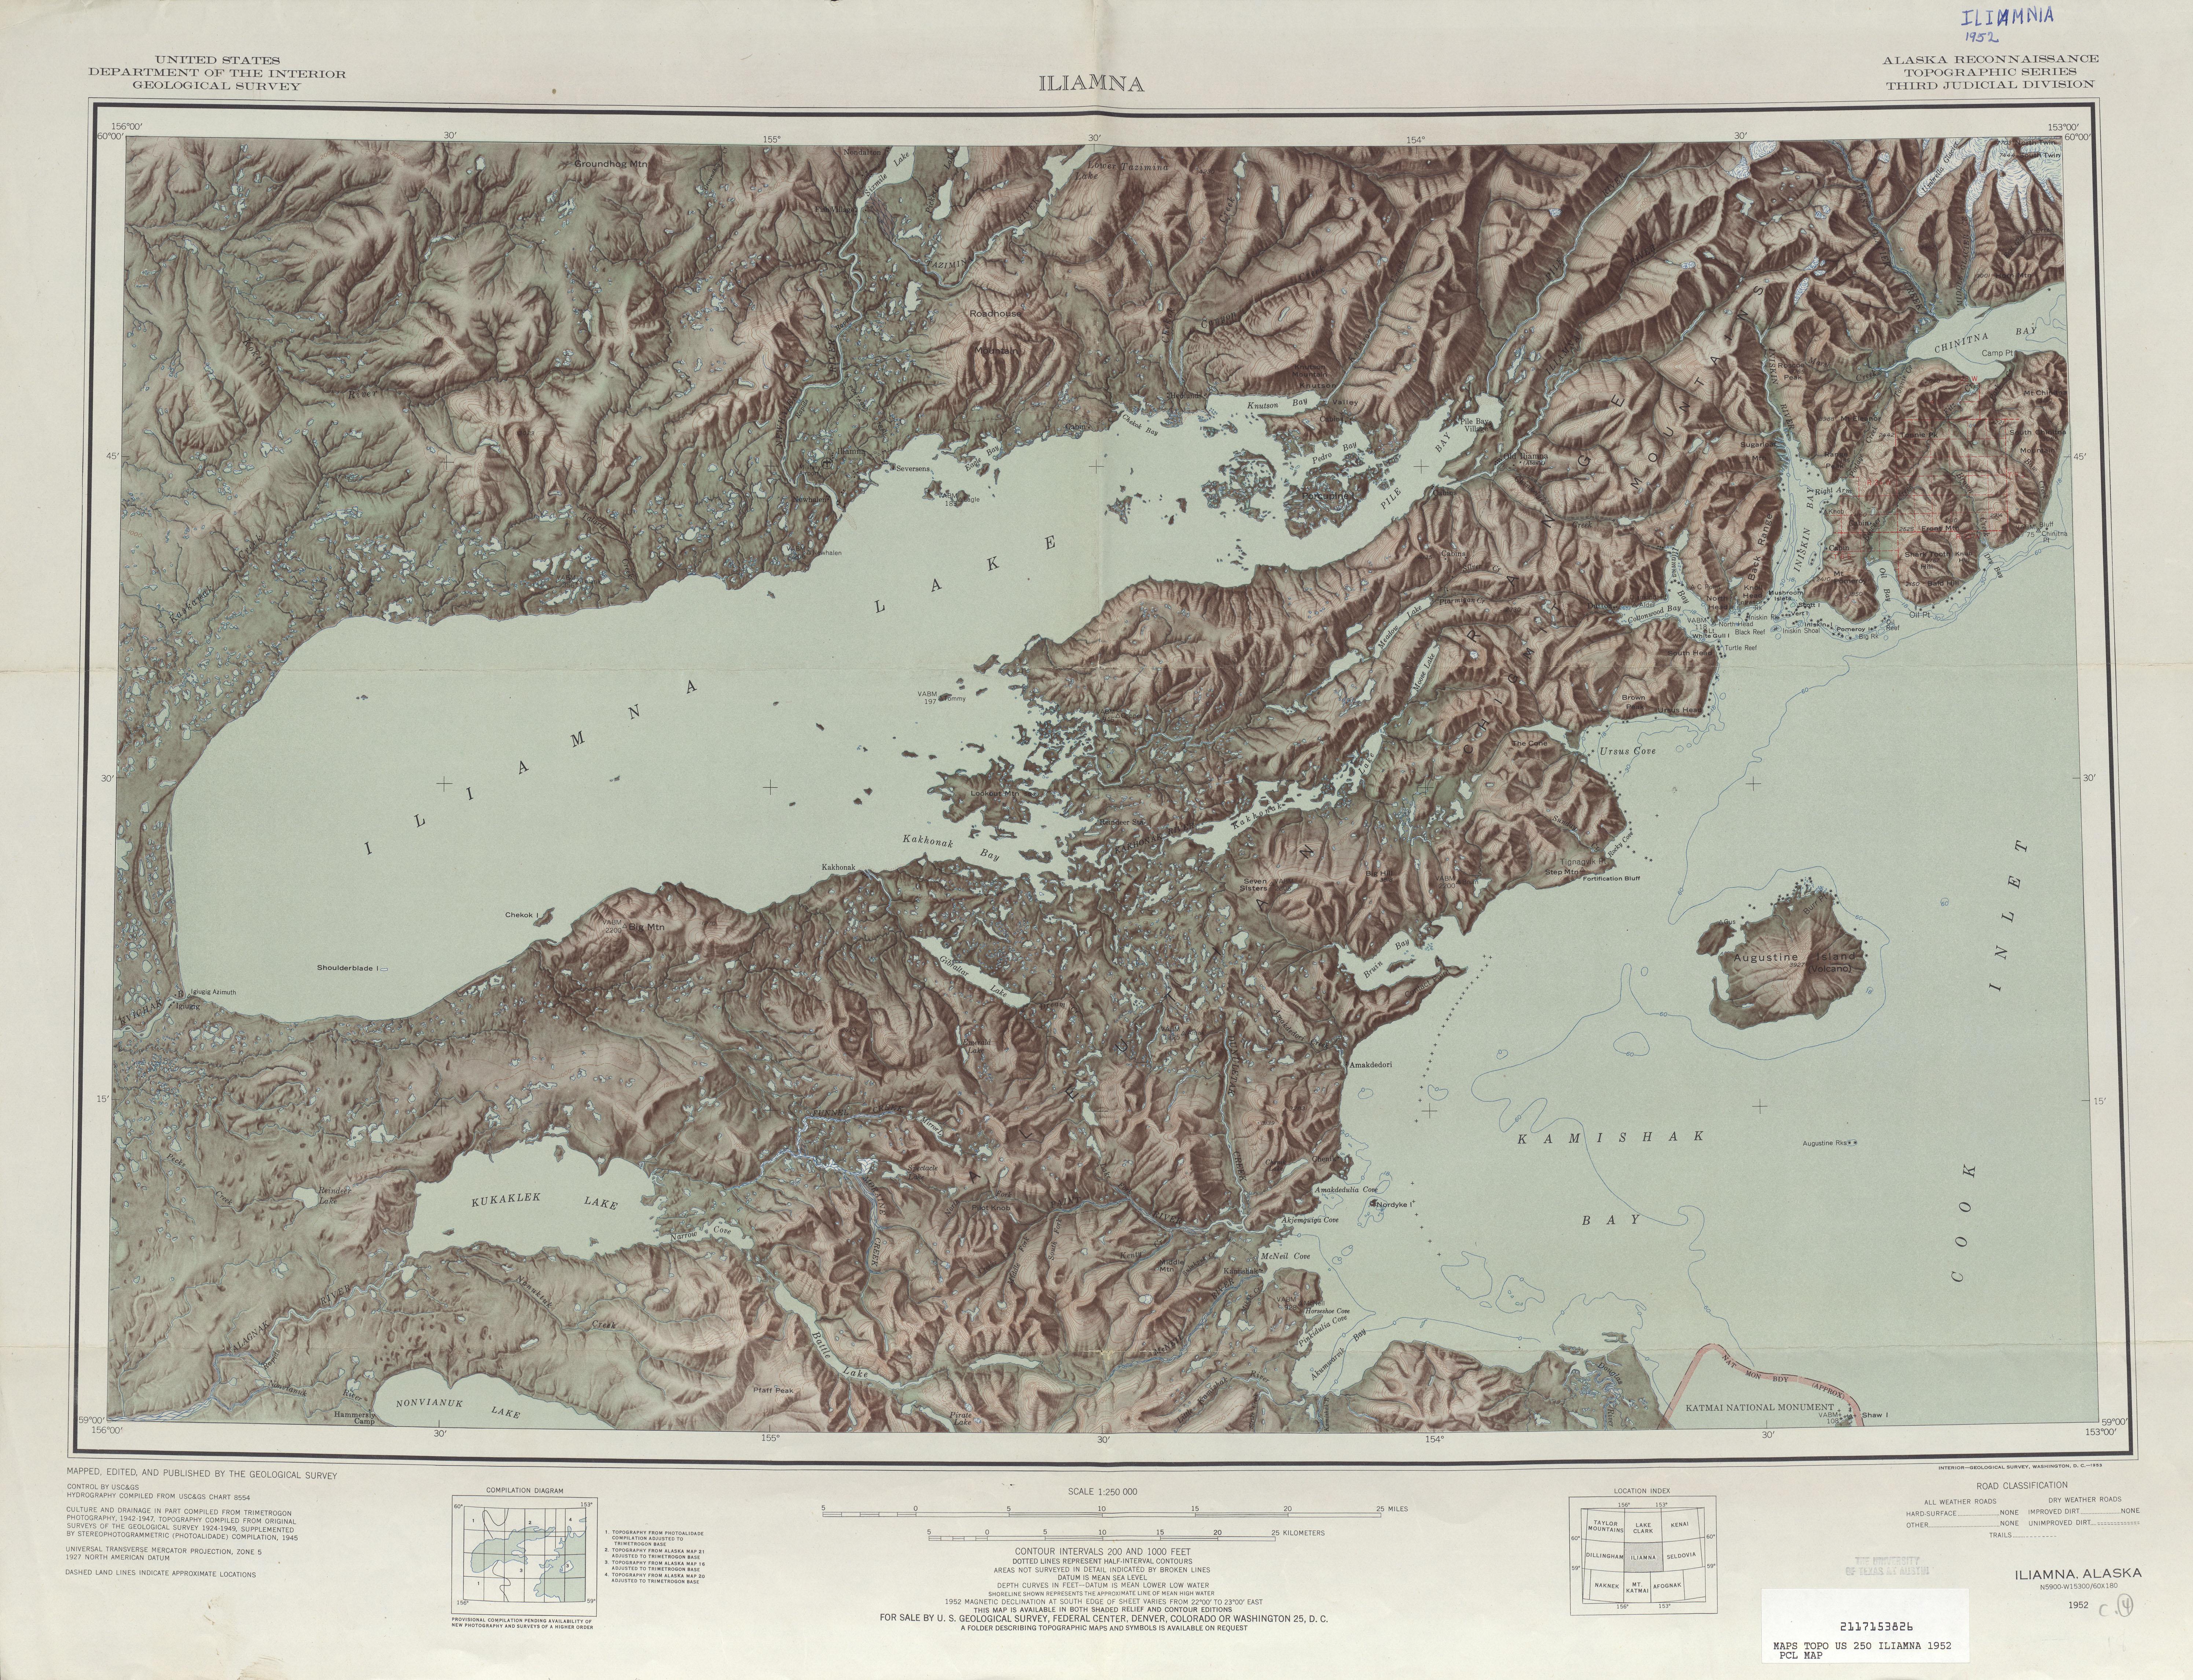 Hoja Iliamna del Mapa de Relieve Sombreado de los Estados Unidos 1952